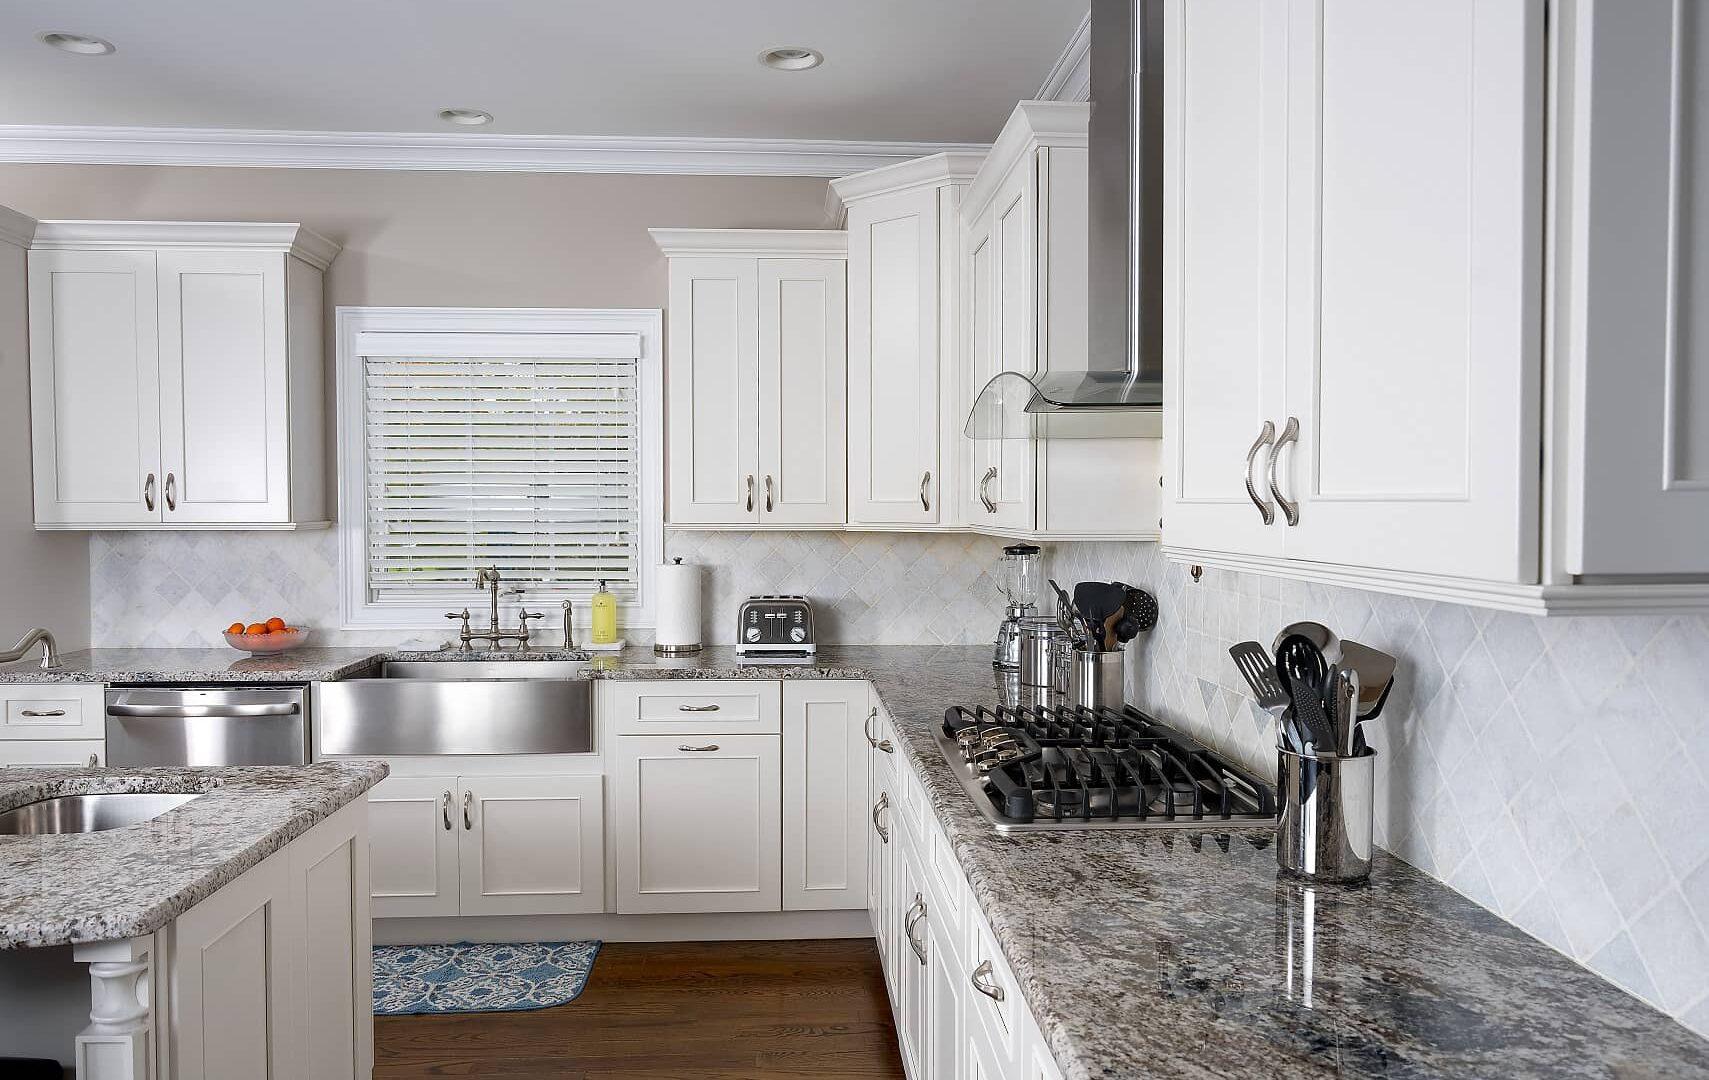 Kitchen Design, Kitchen Design Models, Kitchen Design Ideas, Colours, Functional, Marble, Ikea, Spanish, Best, Unique, Vintage